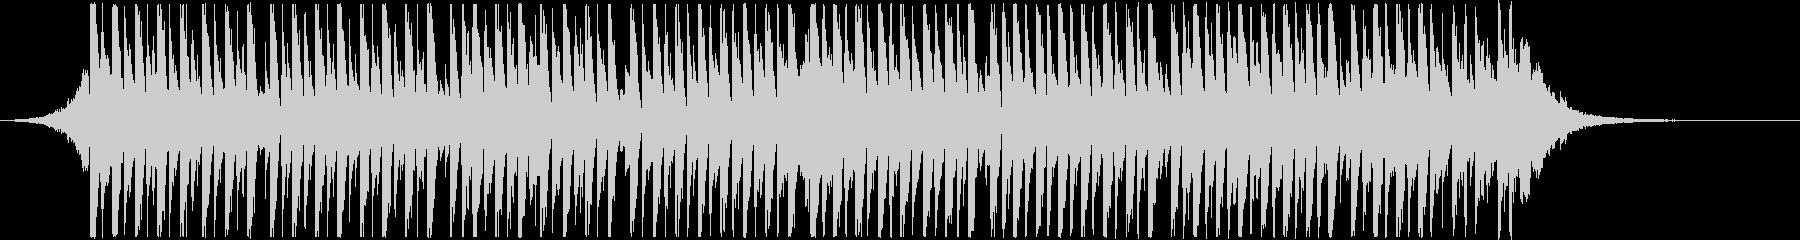 アップリフティングハウス(ショート)の未再生の波形